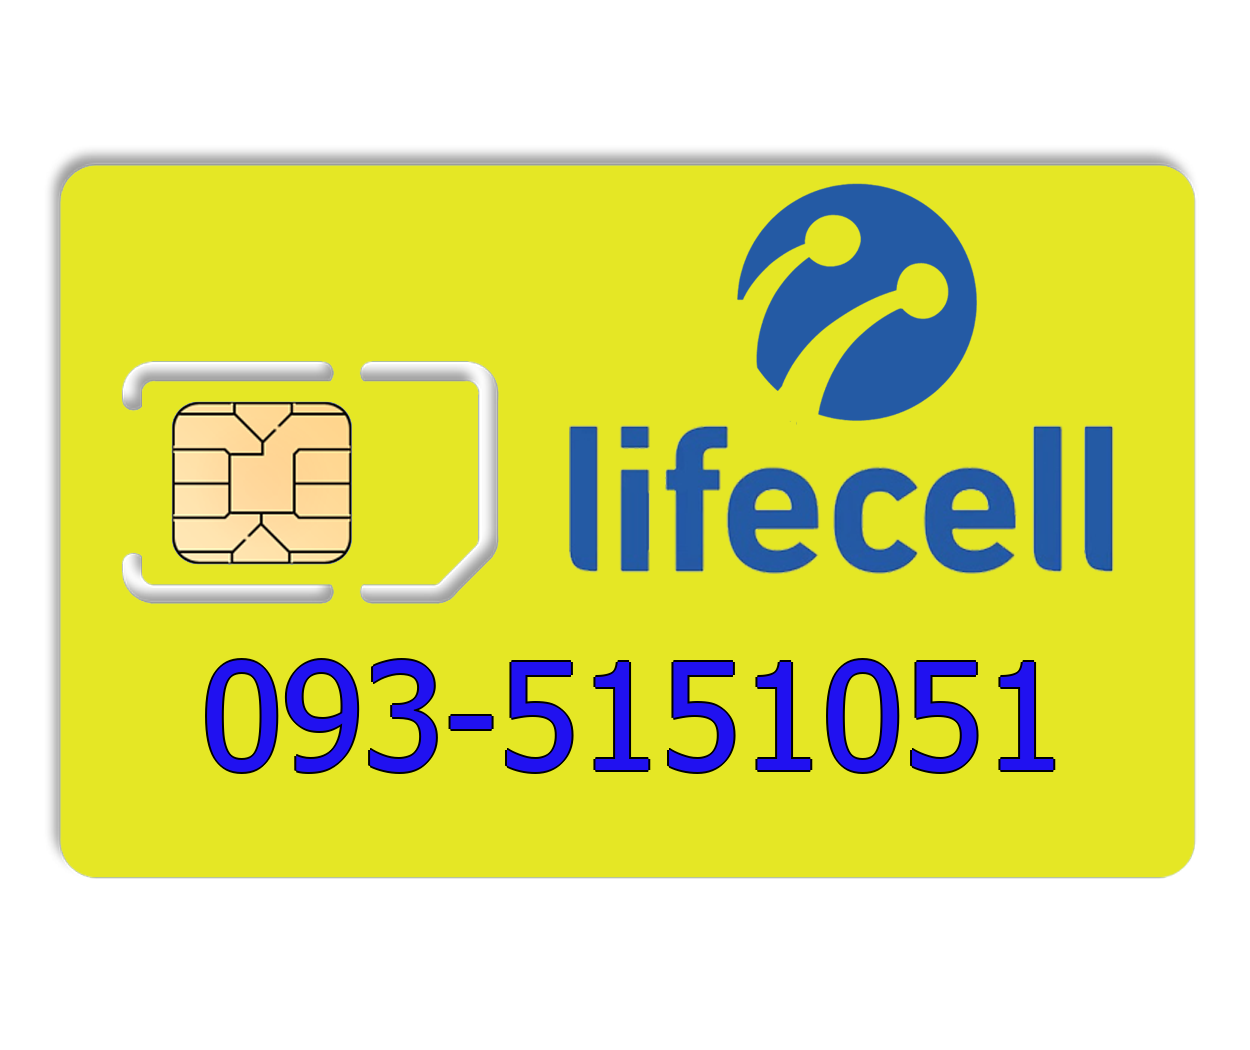 Красивый номер lifecell 093-5151051